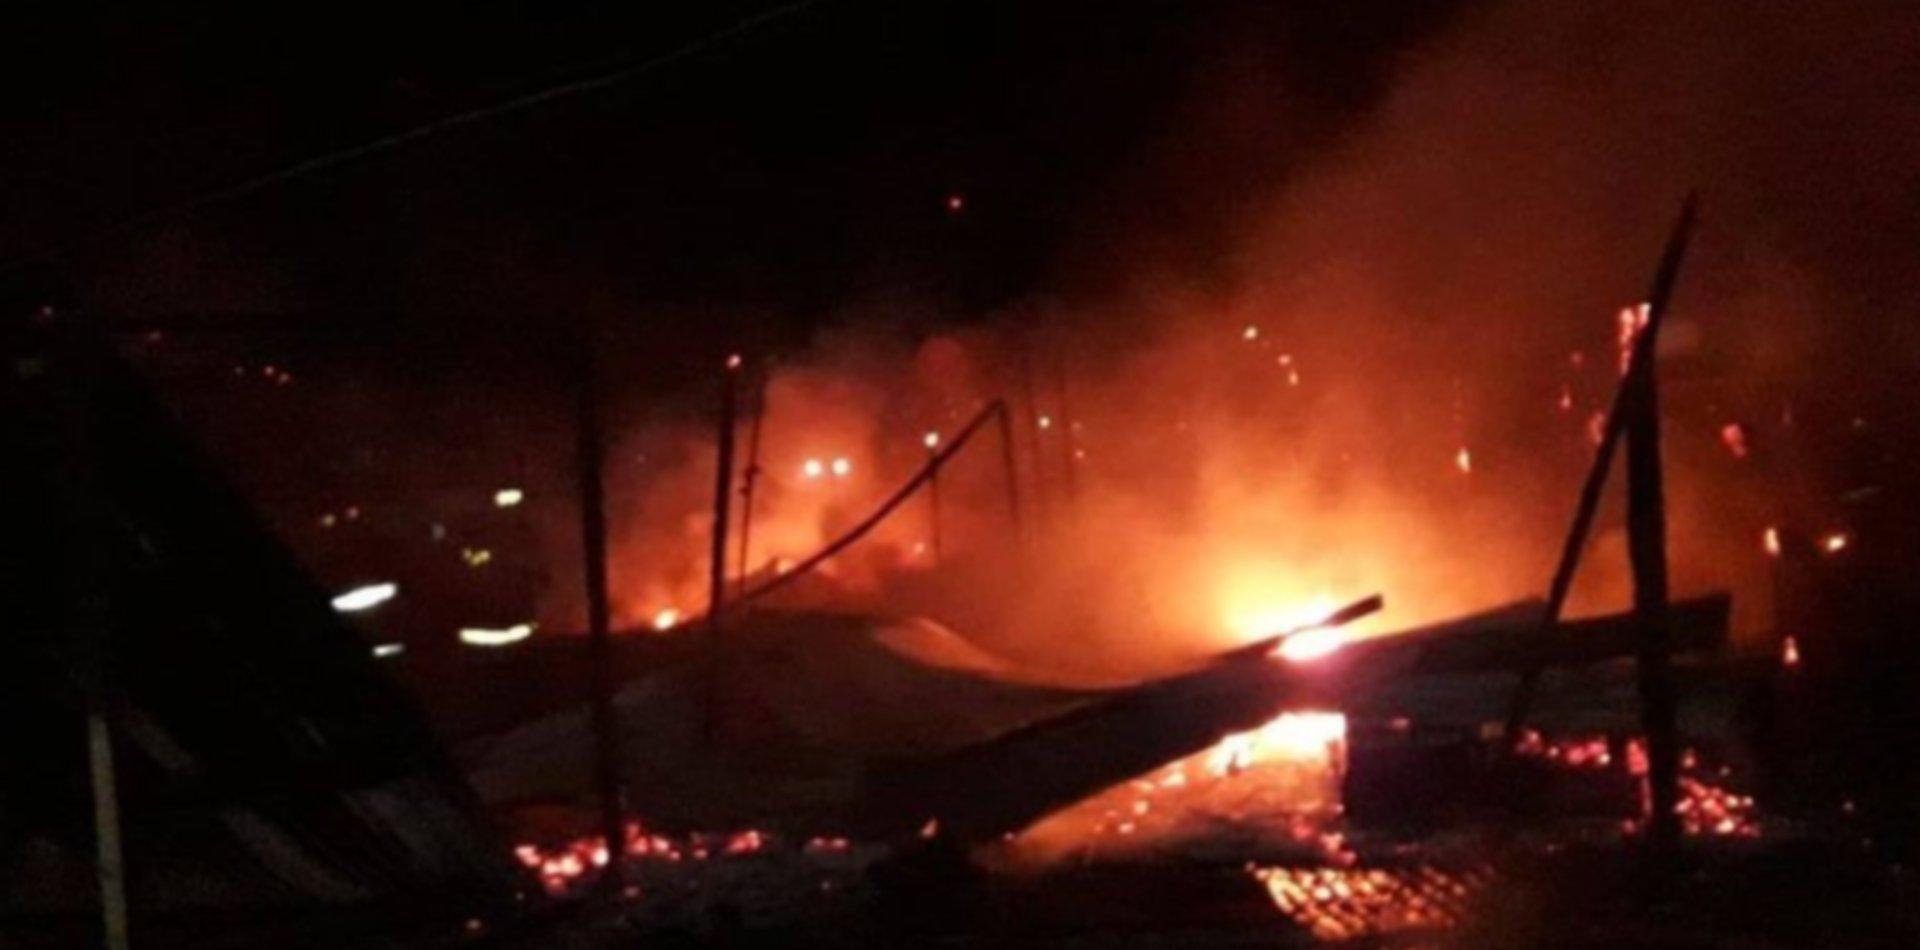 Incendio y tensión en Melchor Romero a metros de donde mataron a golpes a un hombre